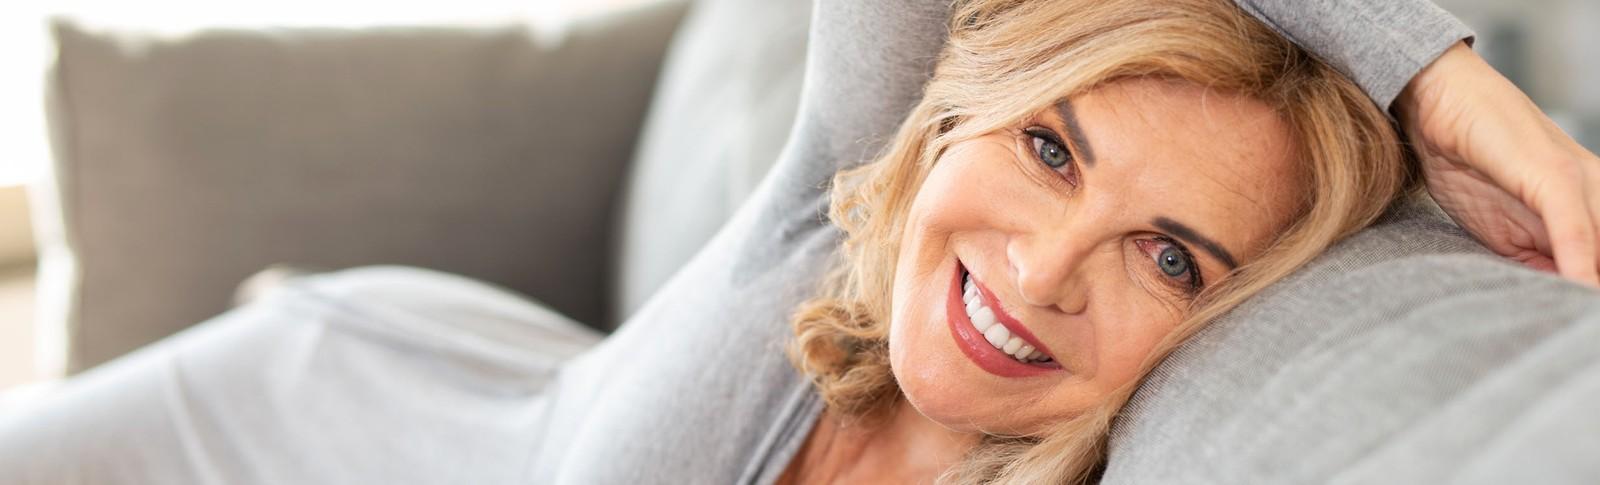 auf Sofa liegende Frau ist glücklich über ihre Brustverkleinerung in der Moser Klinik